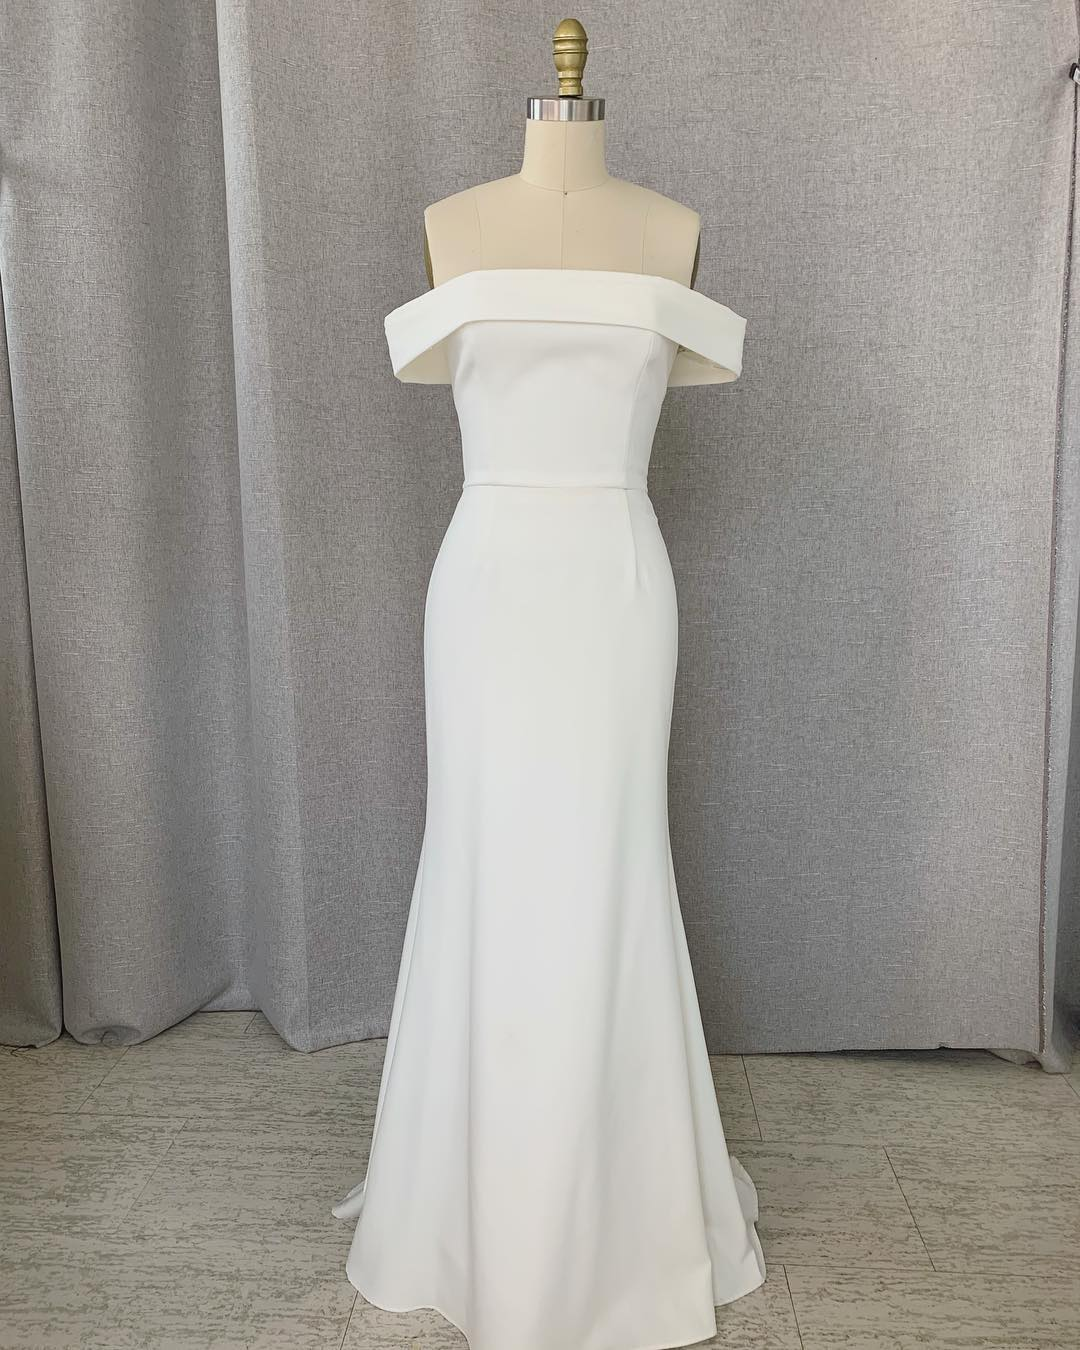 雪天使2020新款法式轻婚纱气质一字肩简约小拖尾出门纱草坪婚礼